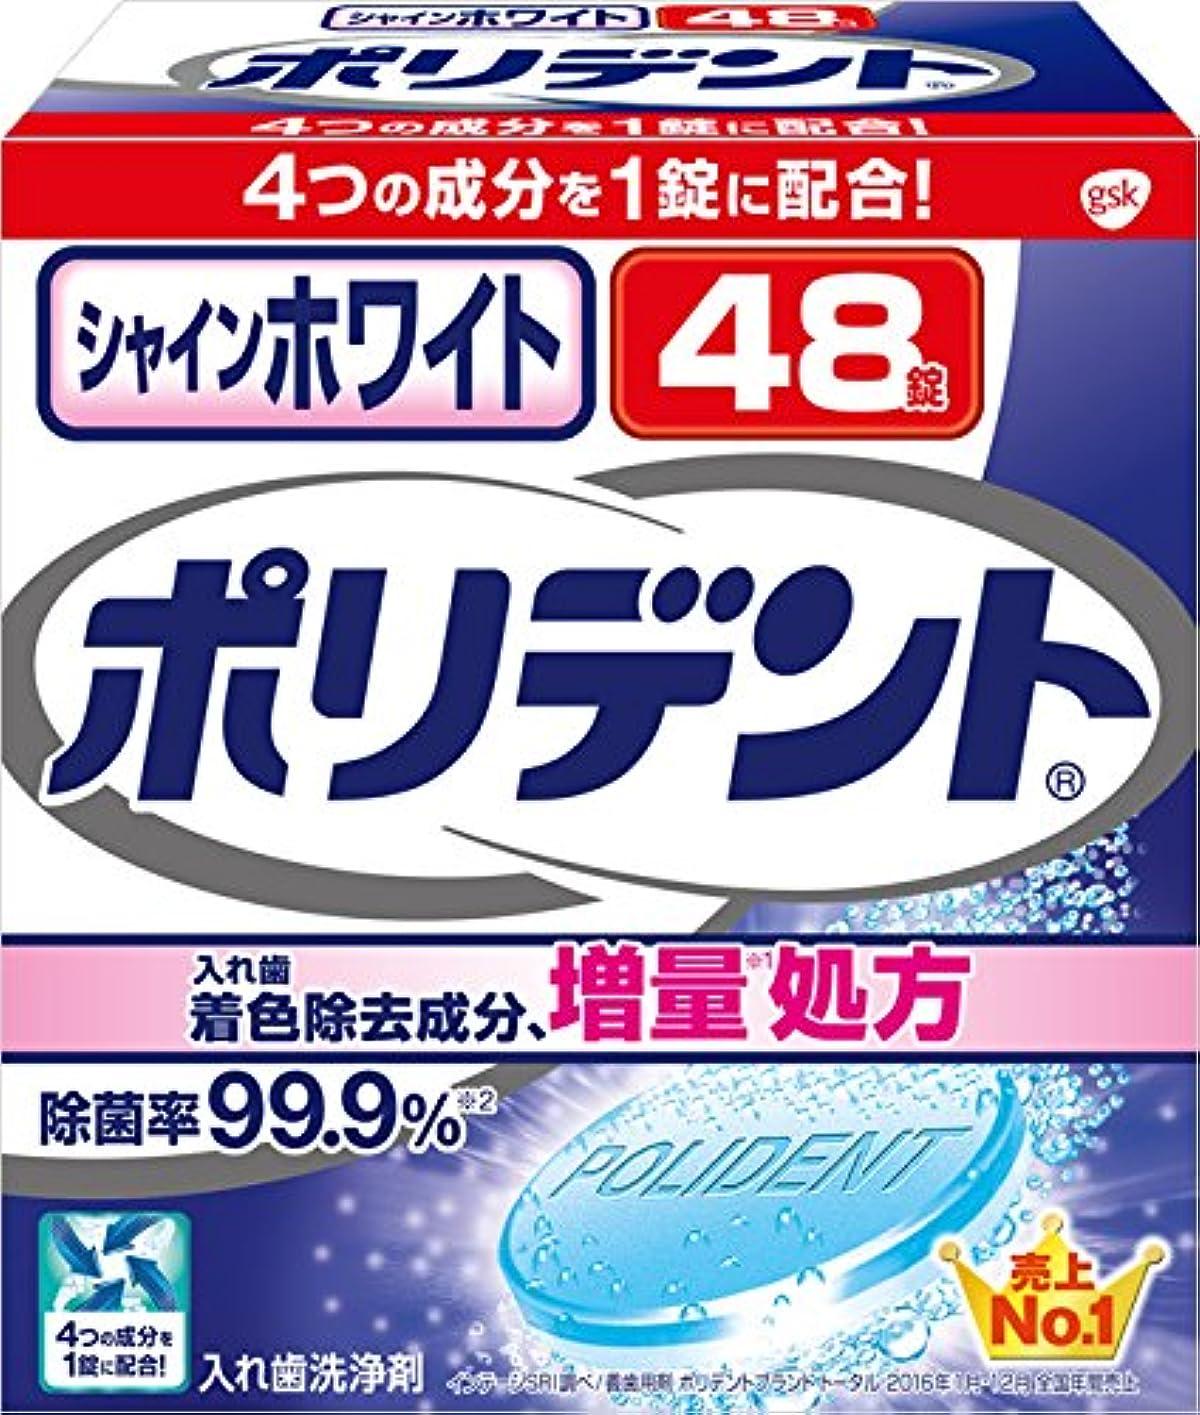 確実ロバブラザー入れ歯洗浄剤 シャインホワイト ポリデント ステイン除去 48錠